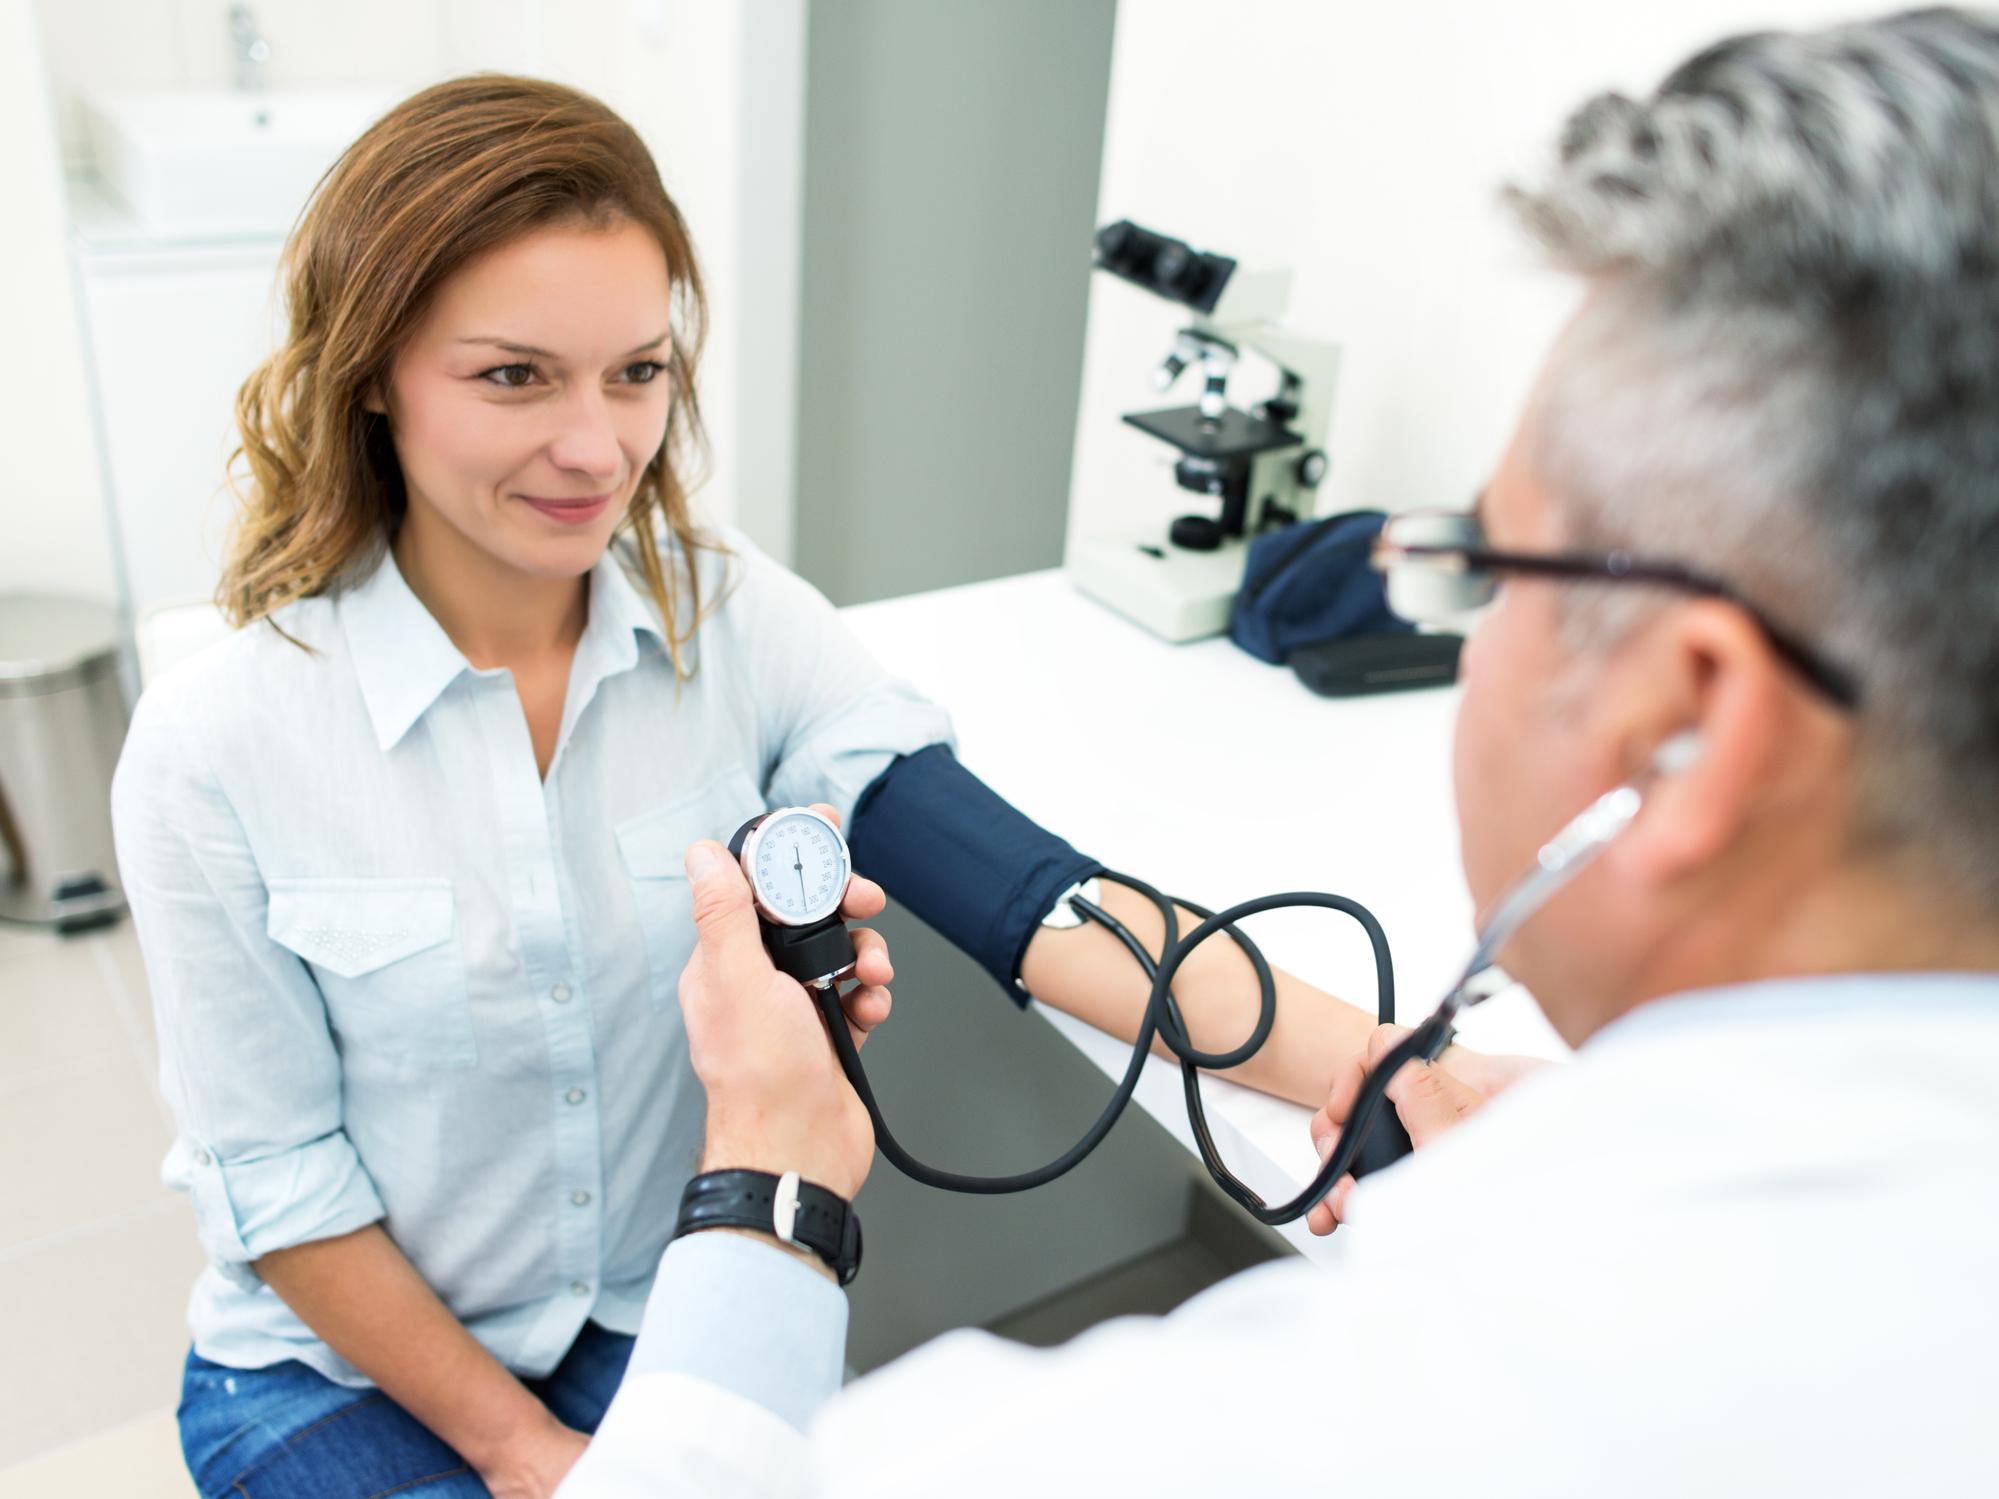 kardiovaszkuláris egészségi magas vérnyomás